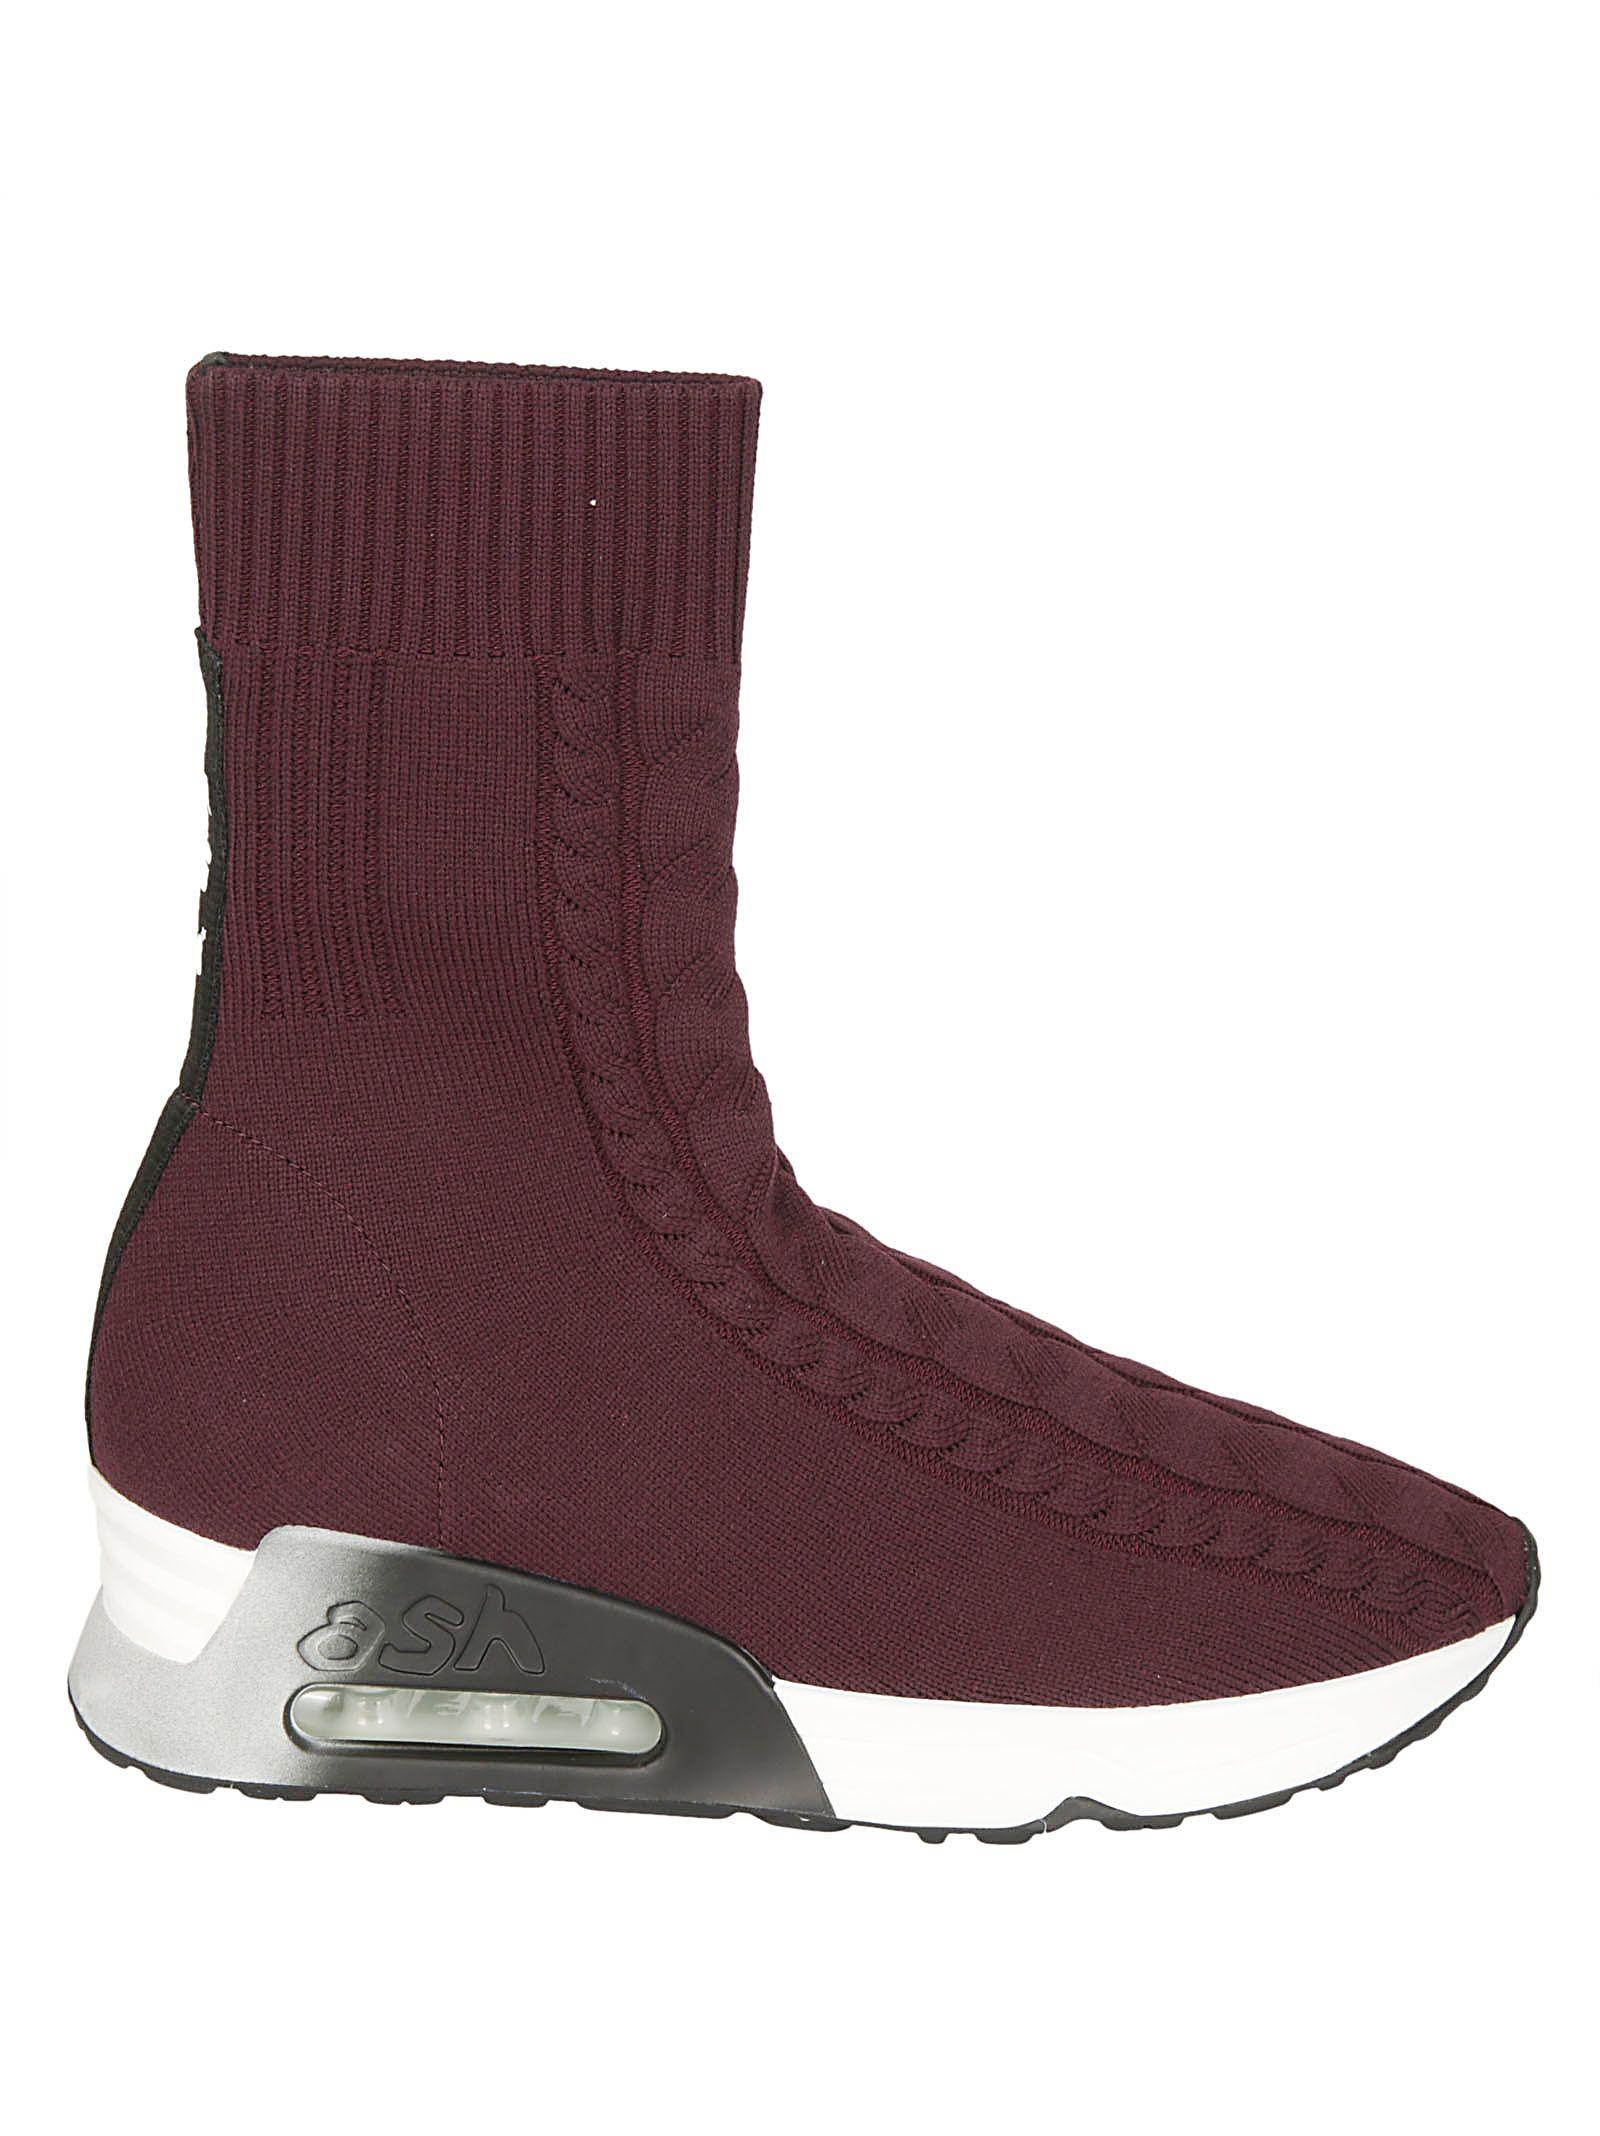 Ash Liv Knit Sneakers